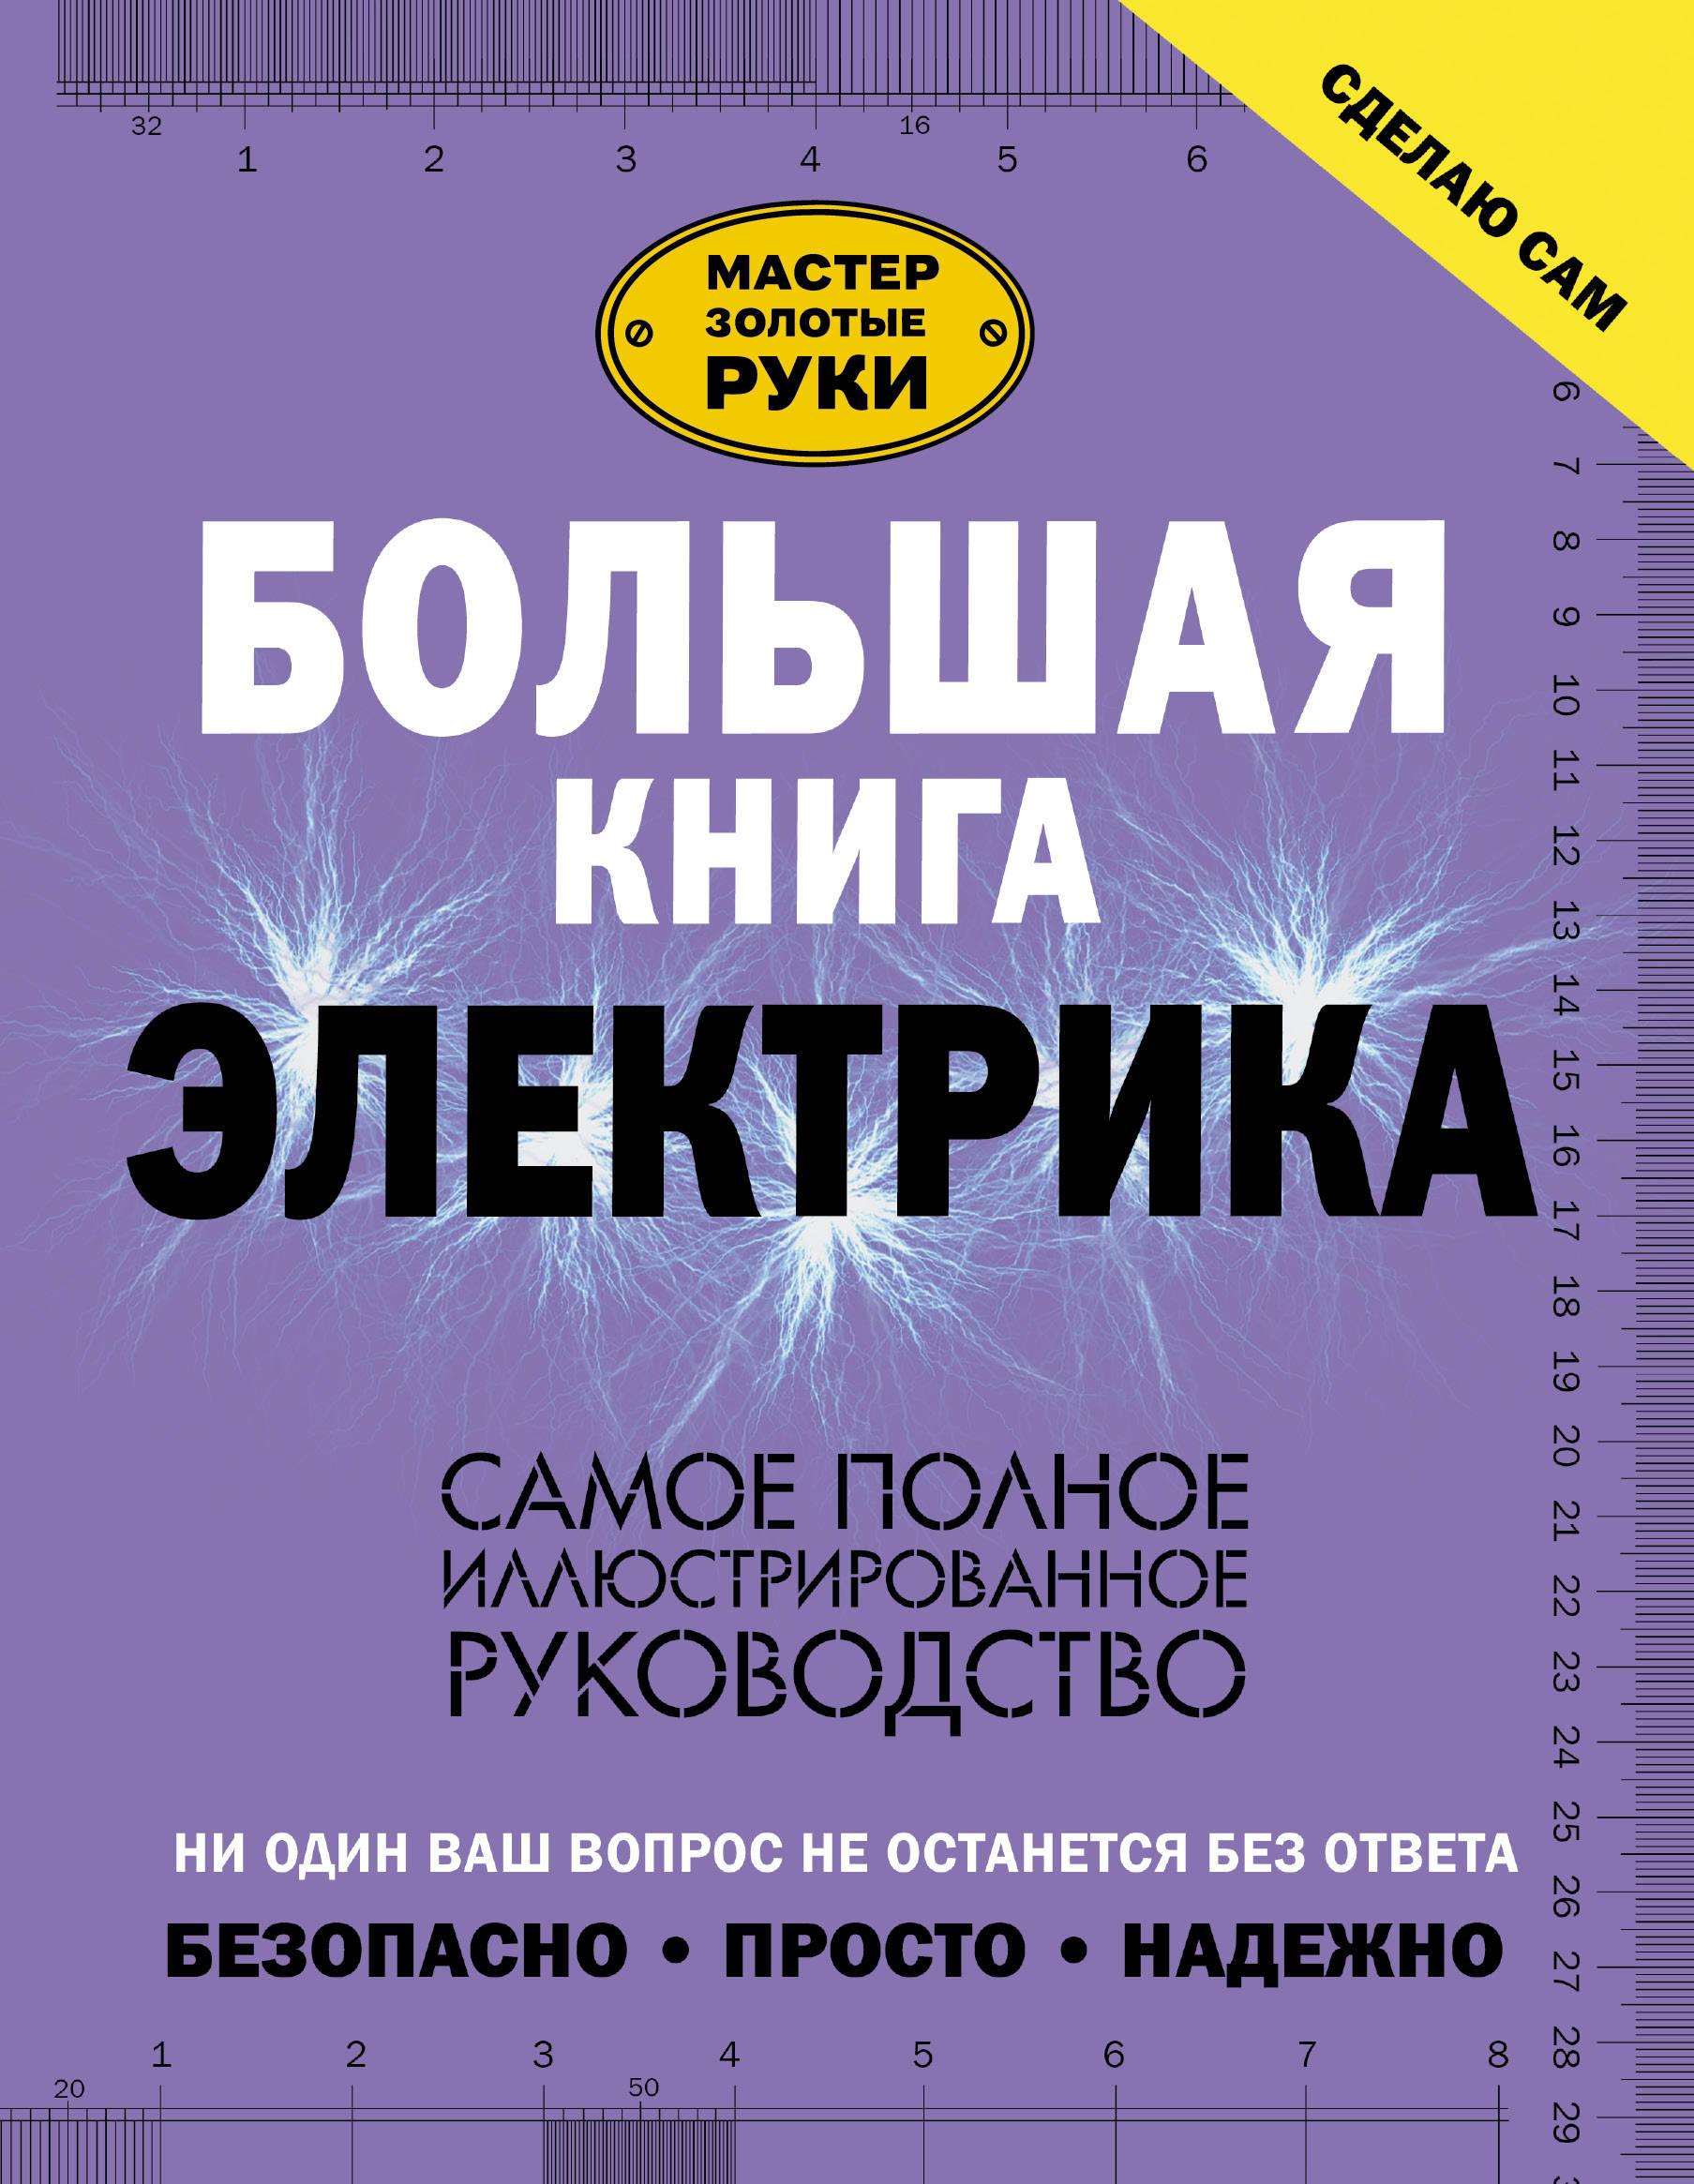 Владимир Жабцев Большая книга электрика. Самое полное иллюстрированное руководство